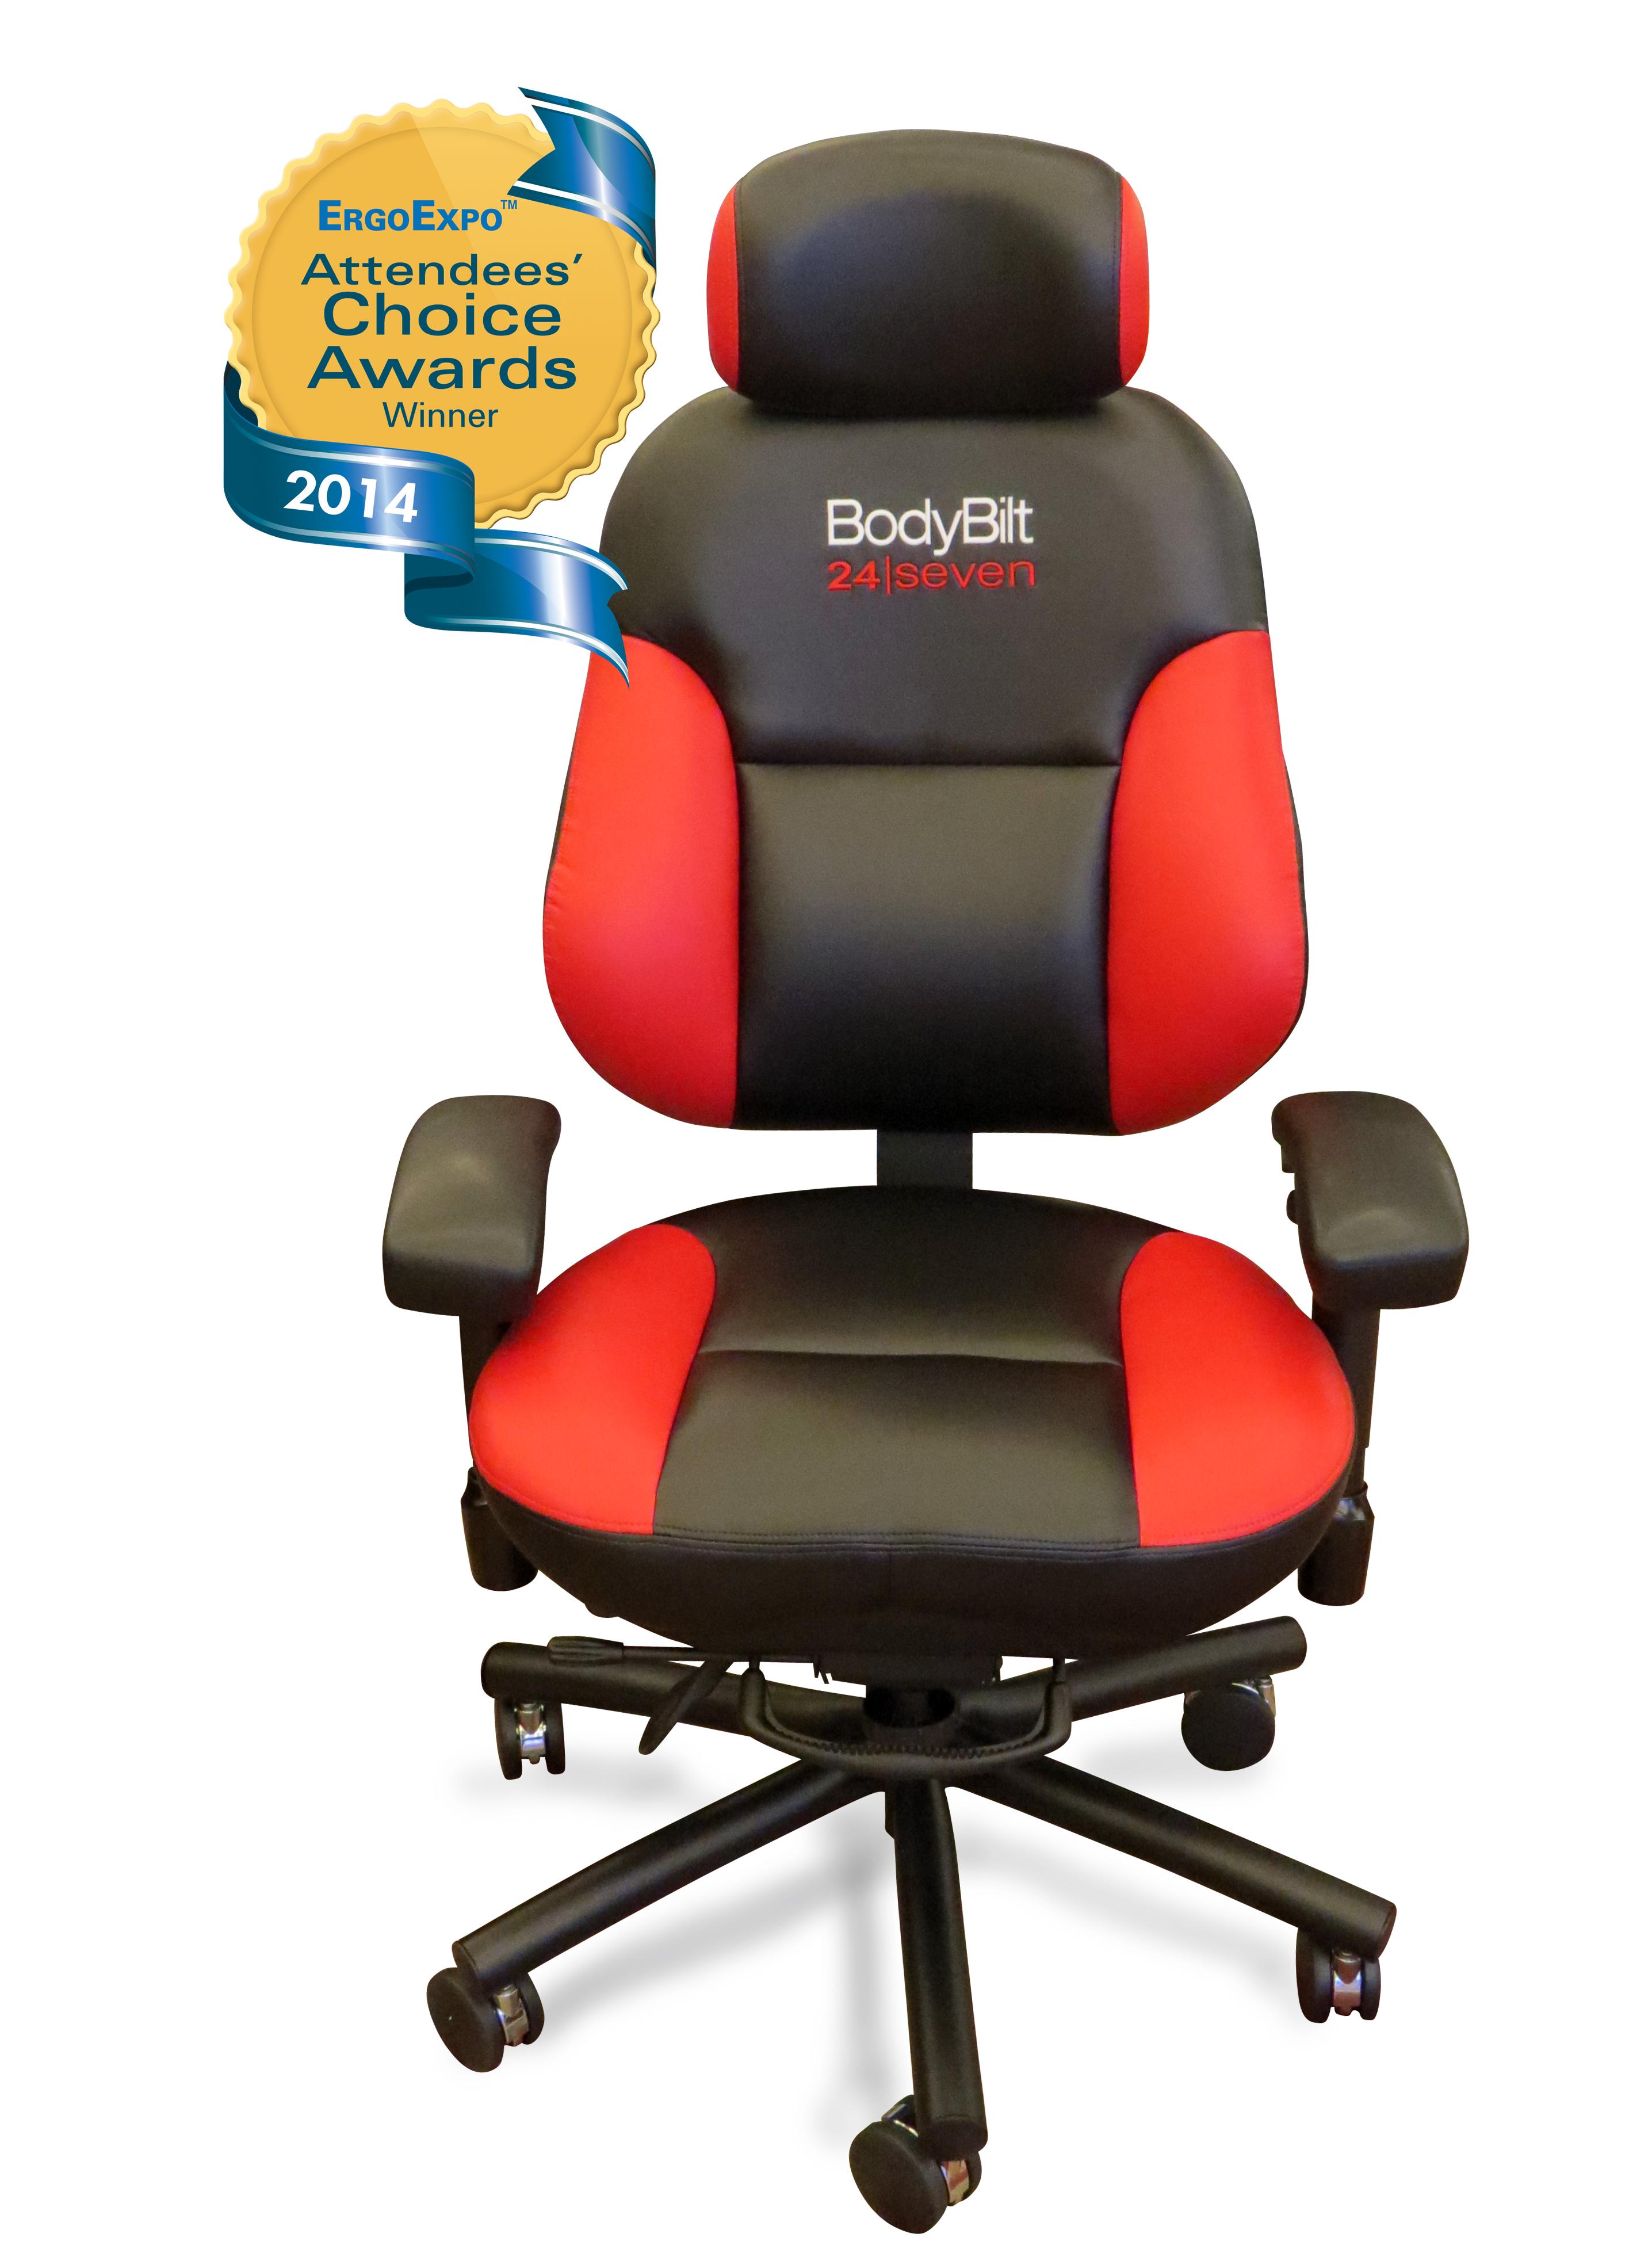 Ergogenesis Chair ergogenesis wins attendees' choice award for bodybilt 24/7 chair